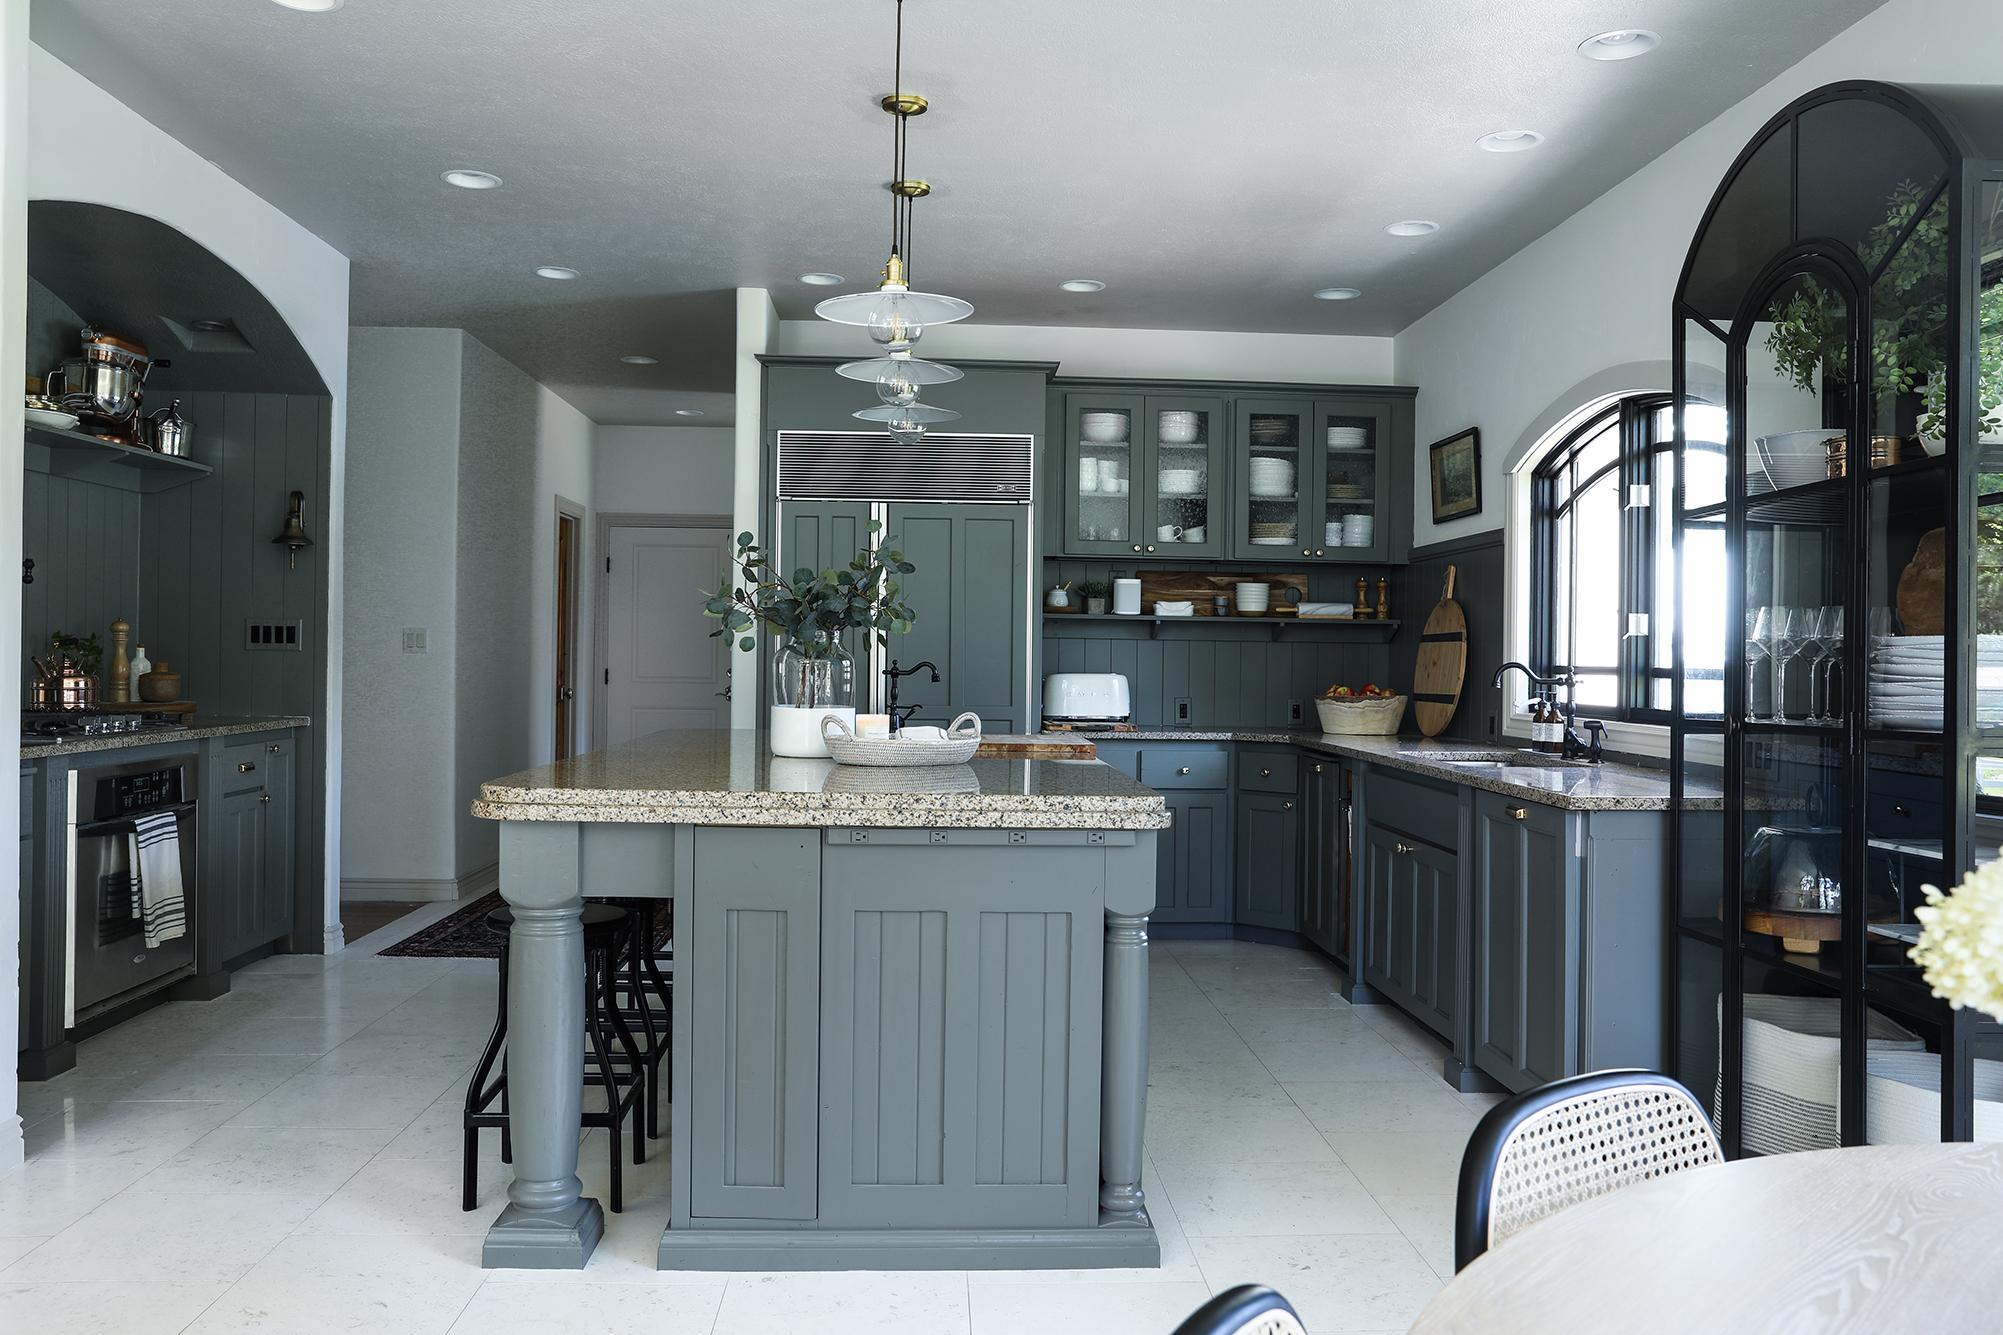 Budget Friendly modern cottage kitchen.jpg